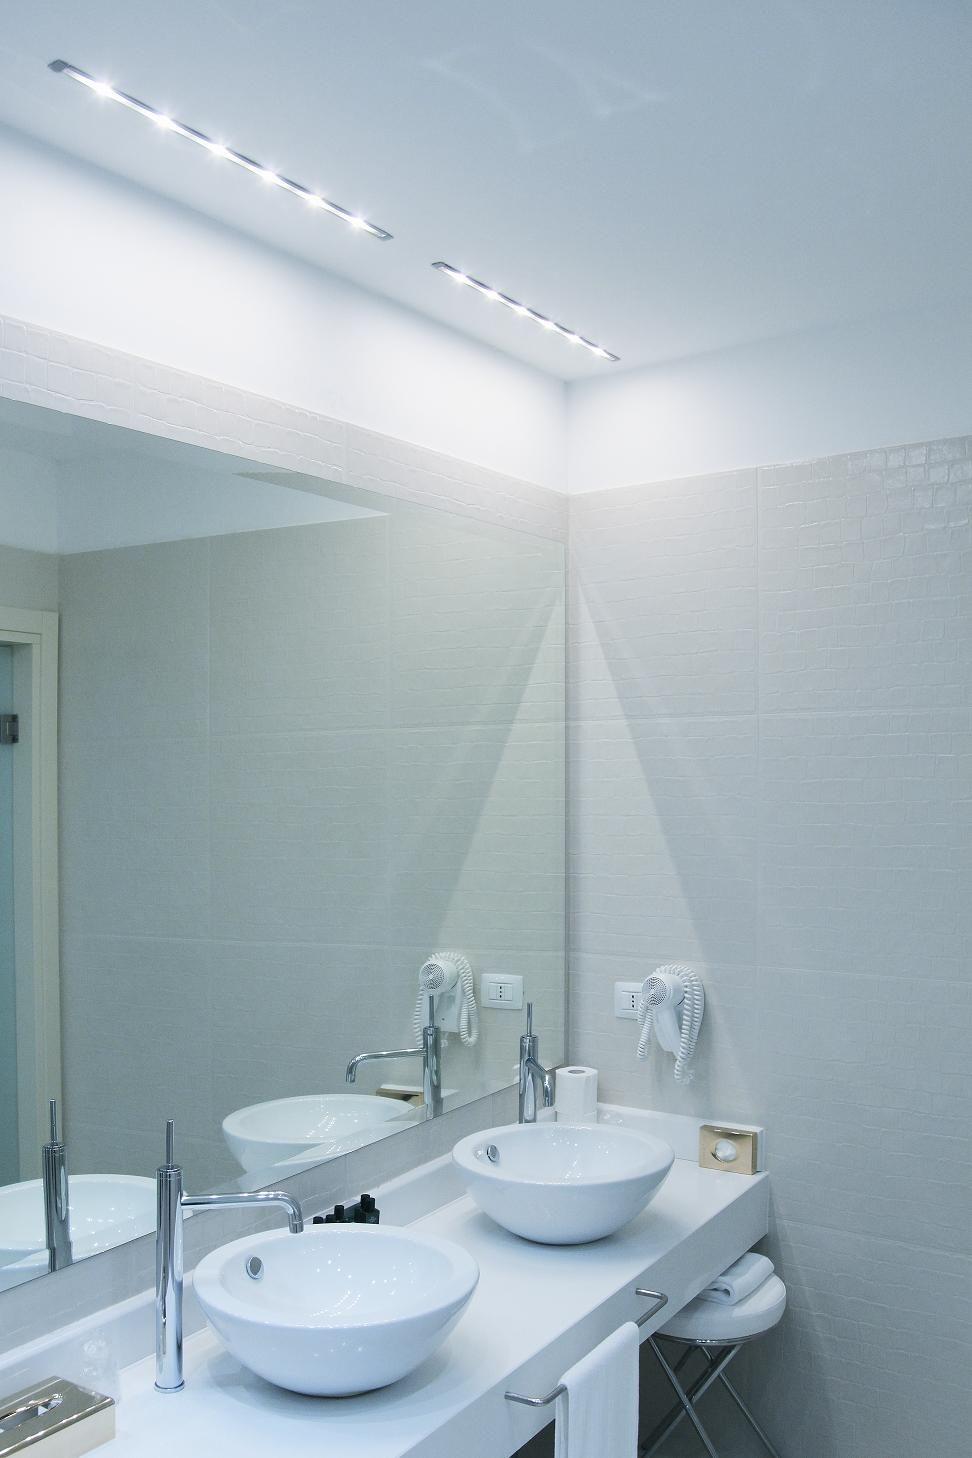 Barra luci a Led Illuminazione specchio bagno